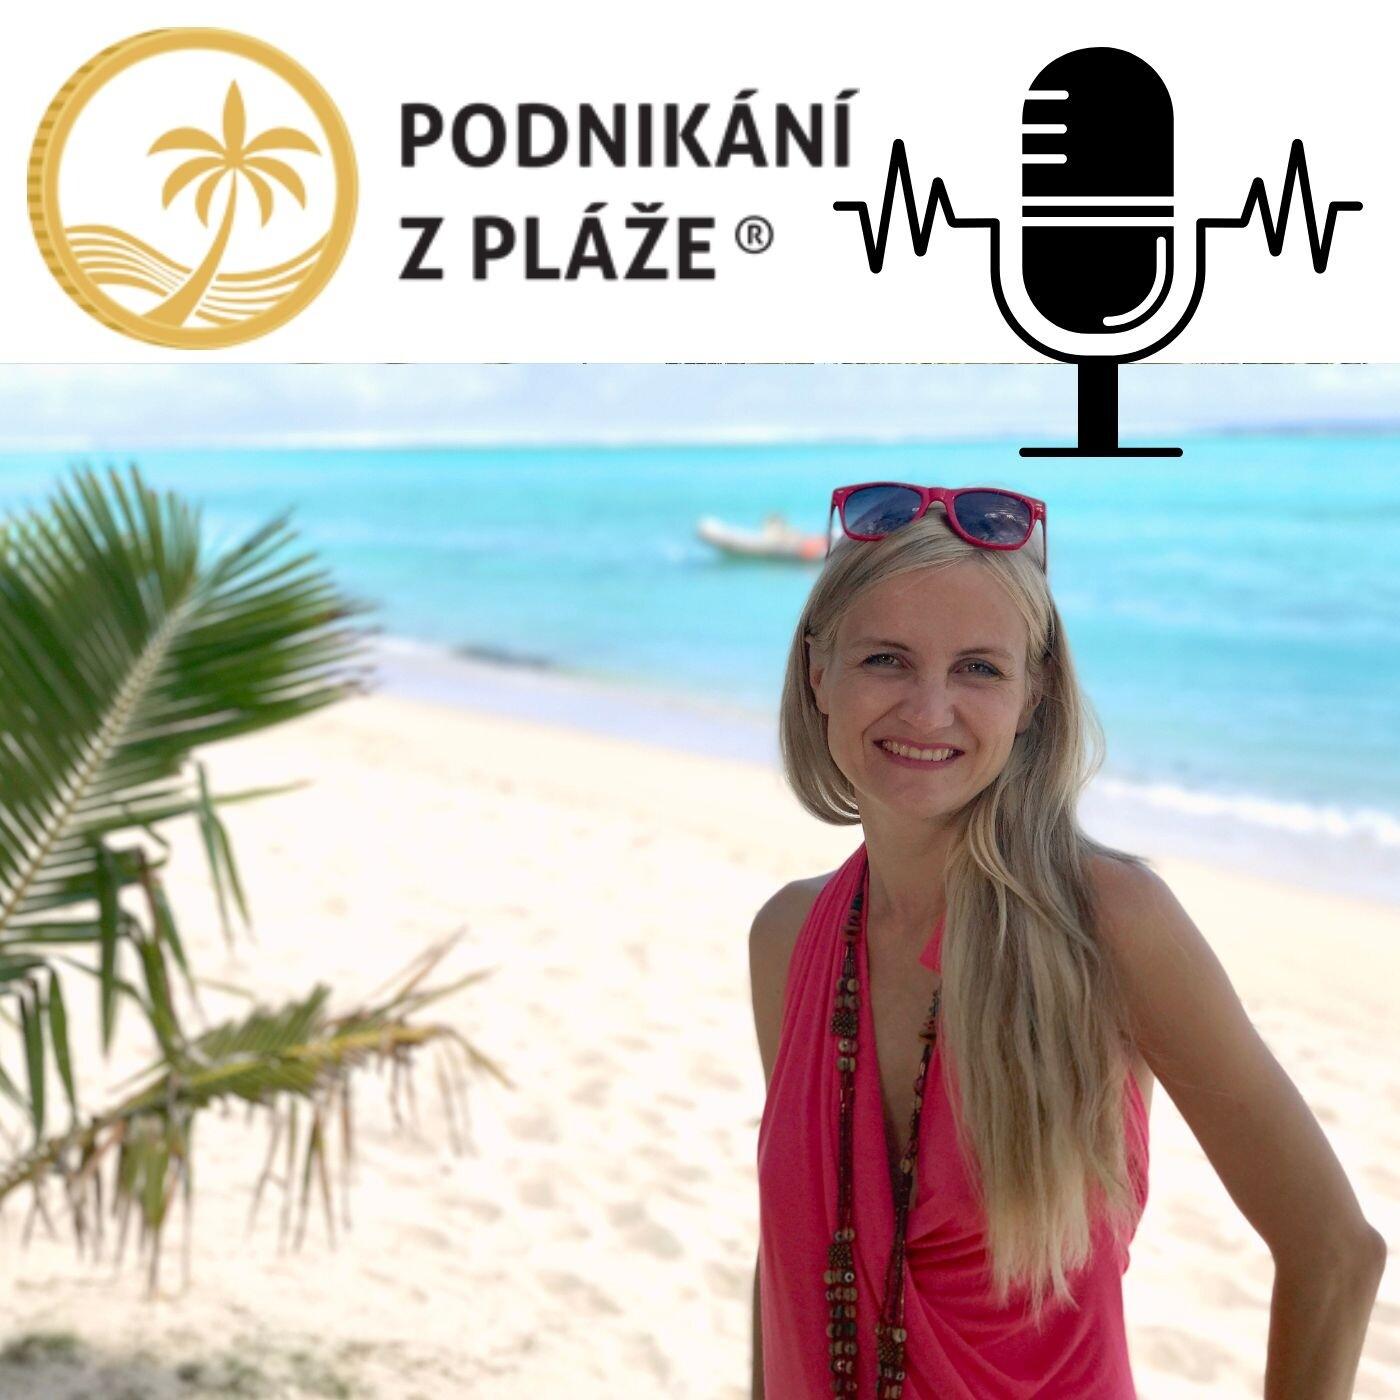 #23 🌴Plážovníci: Tereza Feltoni Gurini | Lékařka online podnikatelkou | Vítězka Plážové výzv